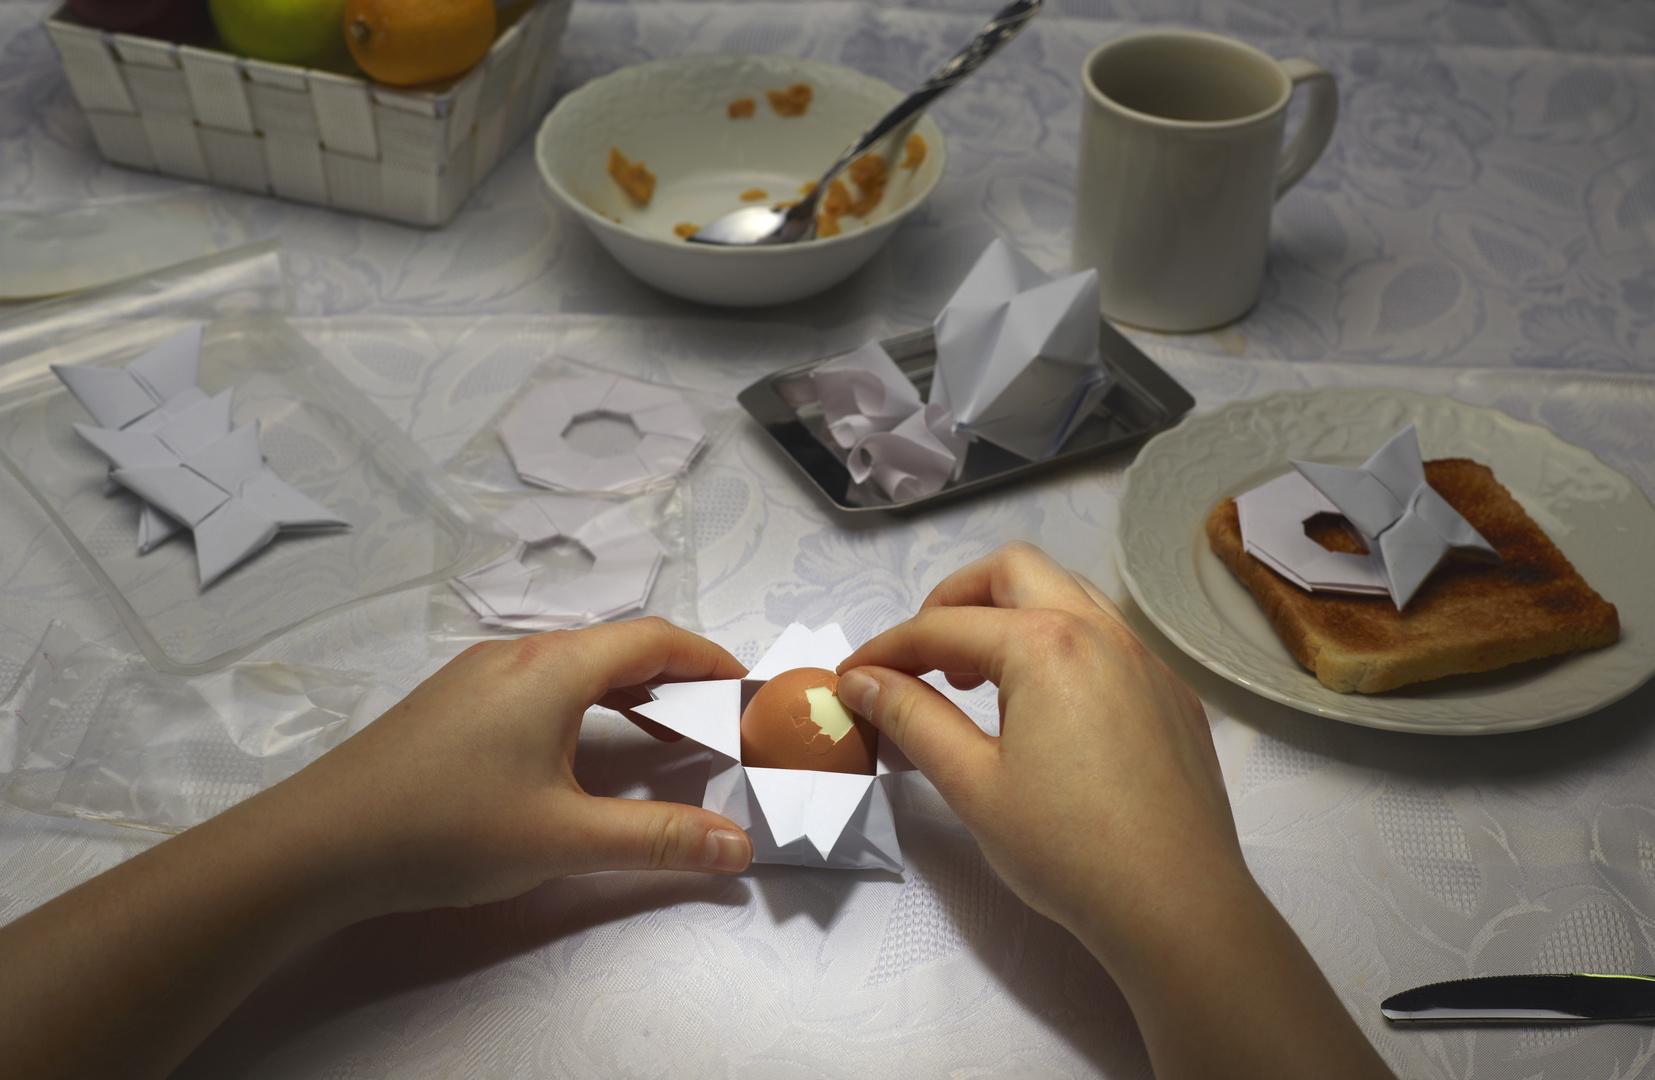 Das etwas andere Frühstück - Eierbecher